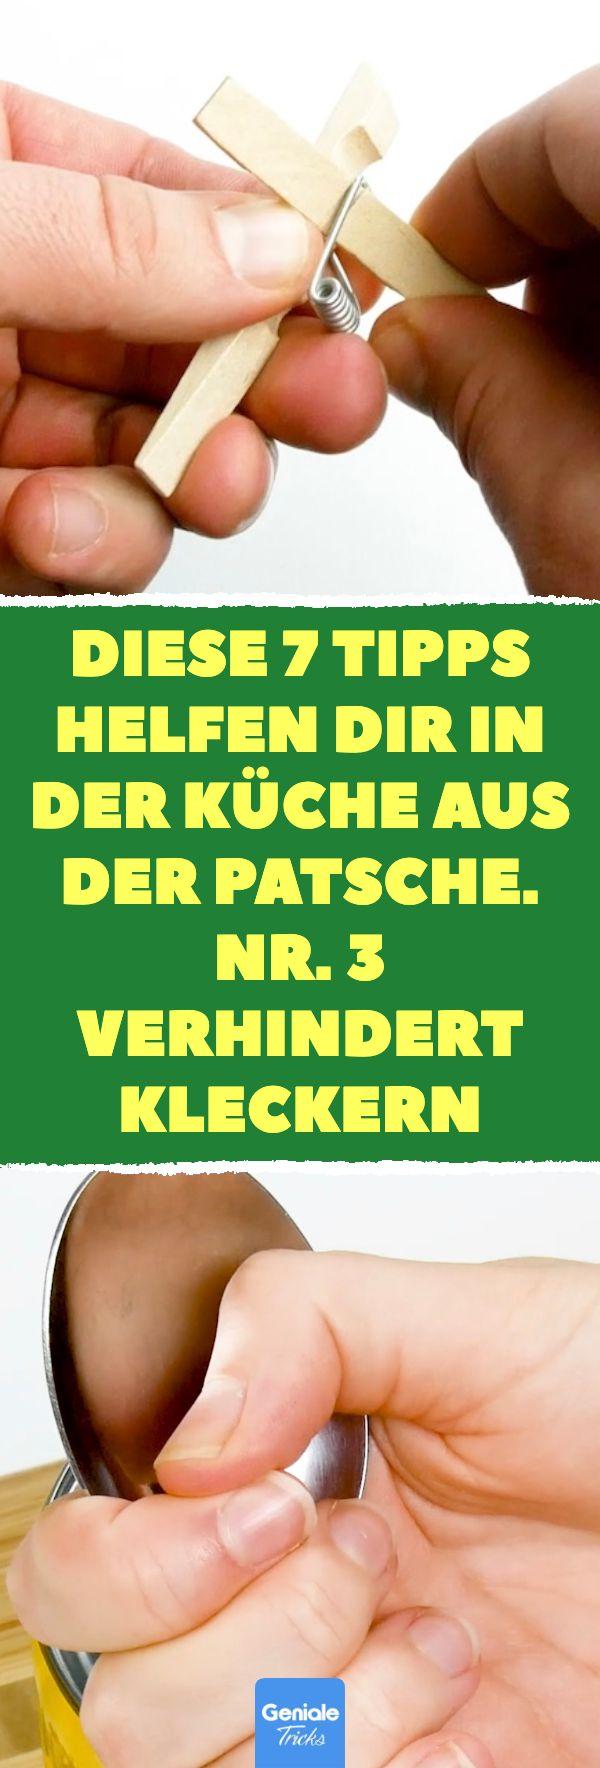 Diese 7 Tipps helfen dir in der Küche aus der Patsche. Nr. 3 verhindert Kleckern. Mit Stäbchen essen, Dosenöffner & Co.: 7 Tipps für das Lösen von Problemen in der Küche. #küche #tipps #dosenöffner #haushalt #korken #mikrowelle